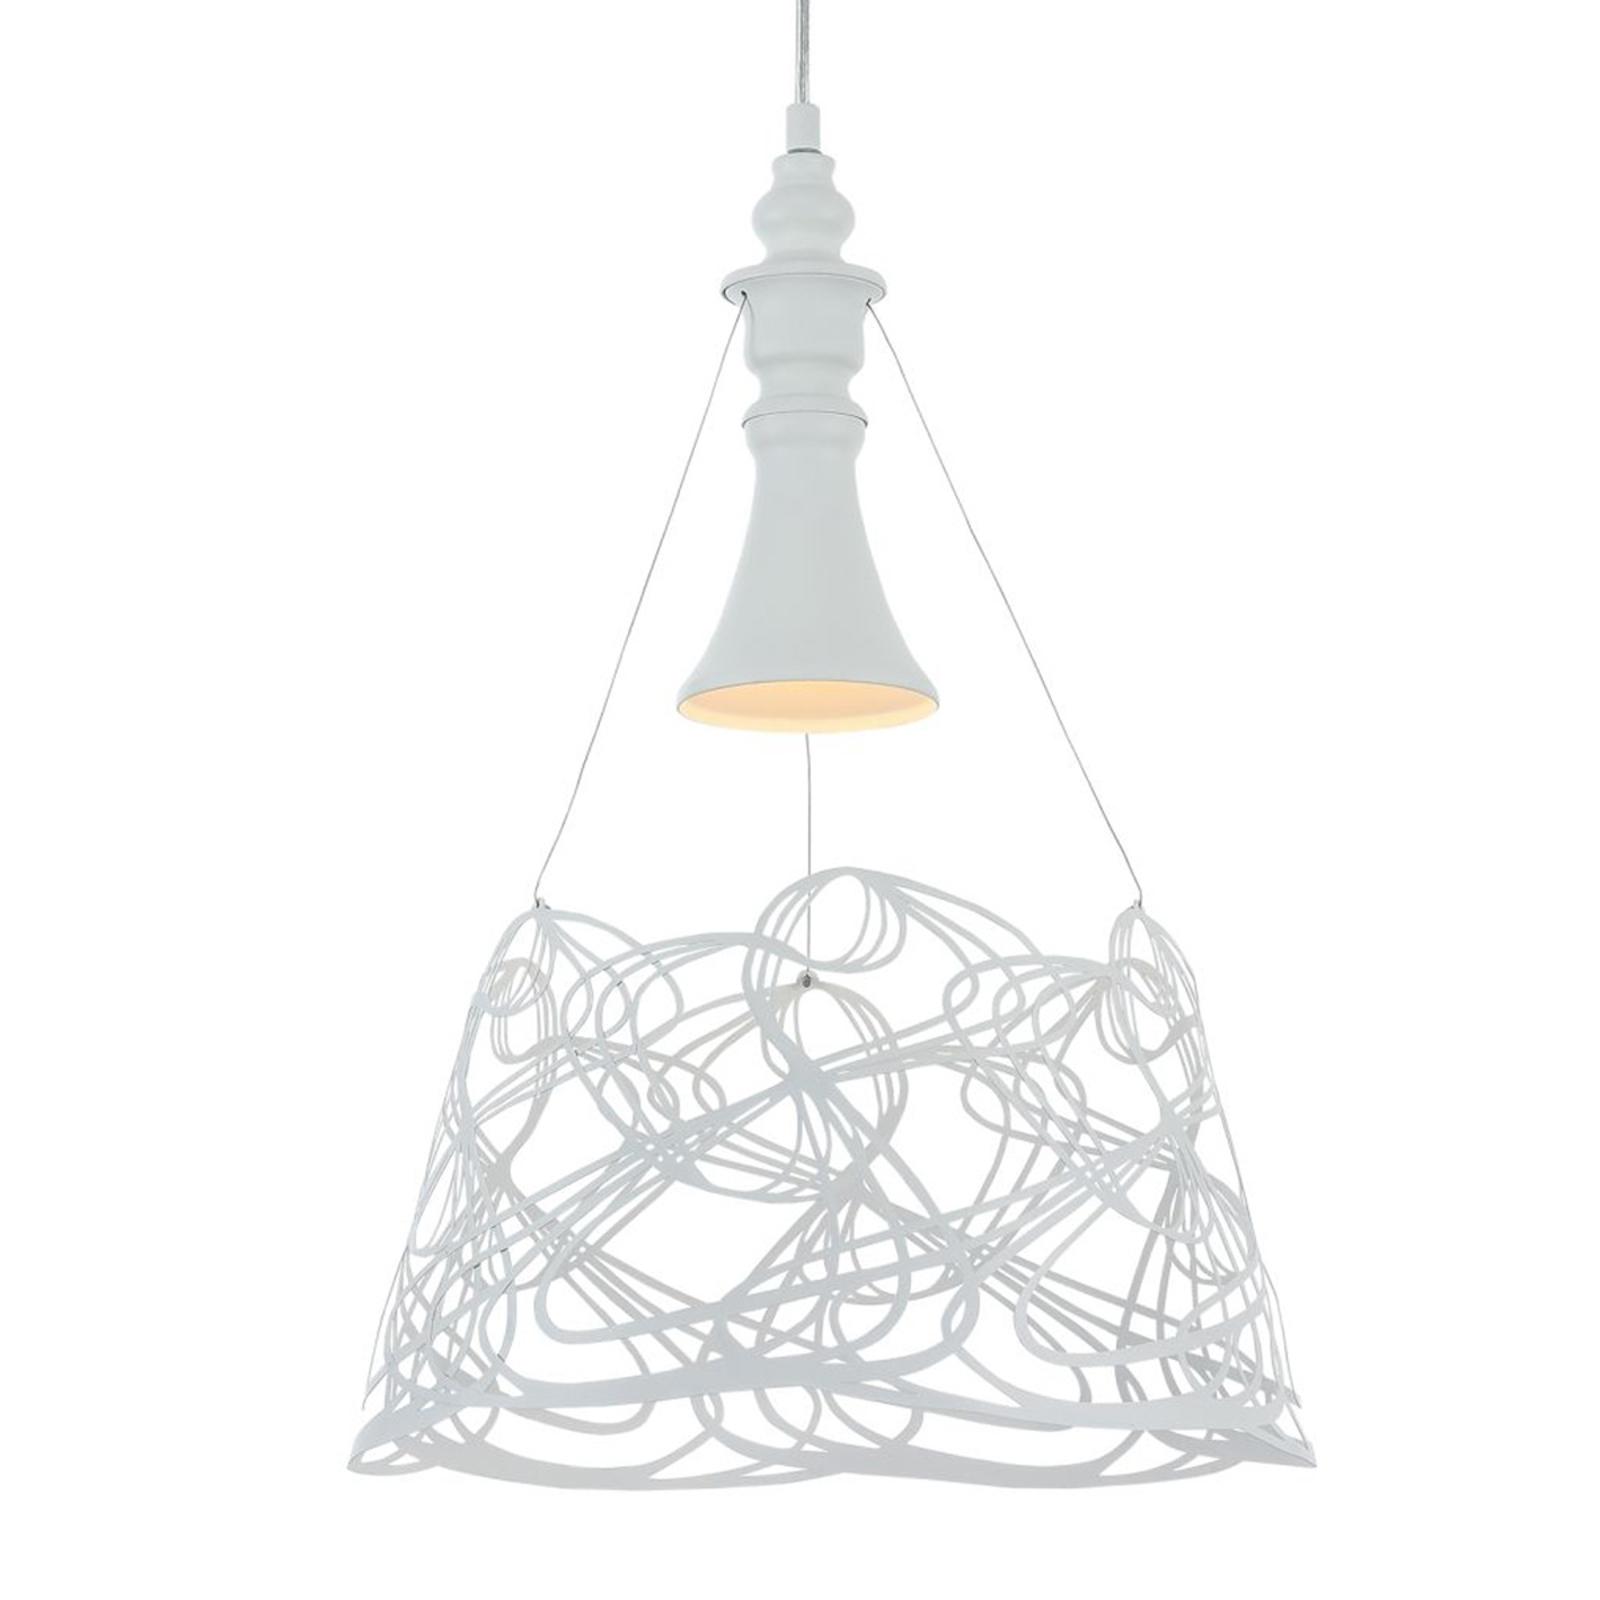 Elva hængelampe, hvid